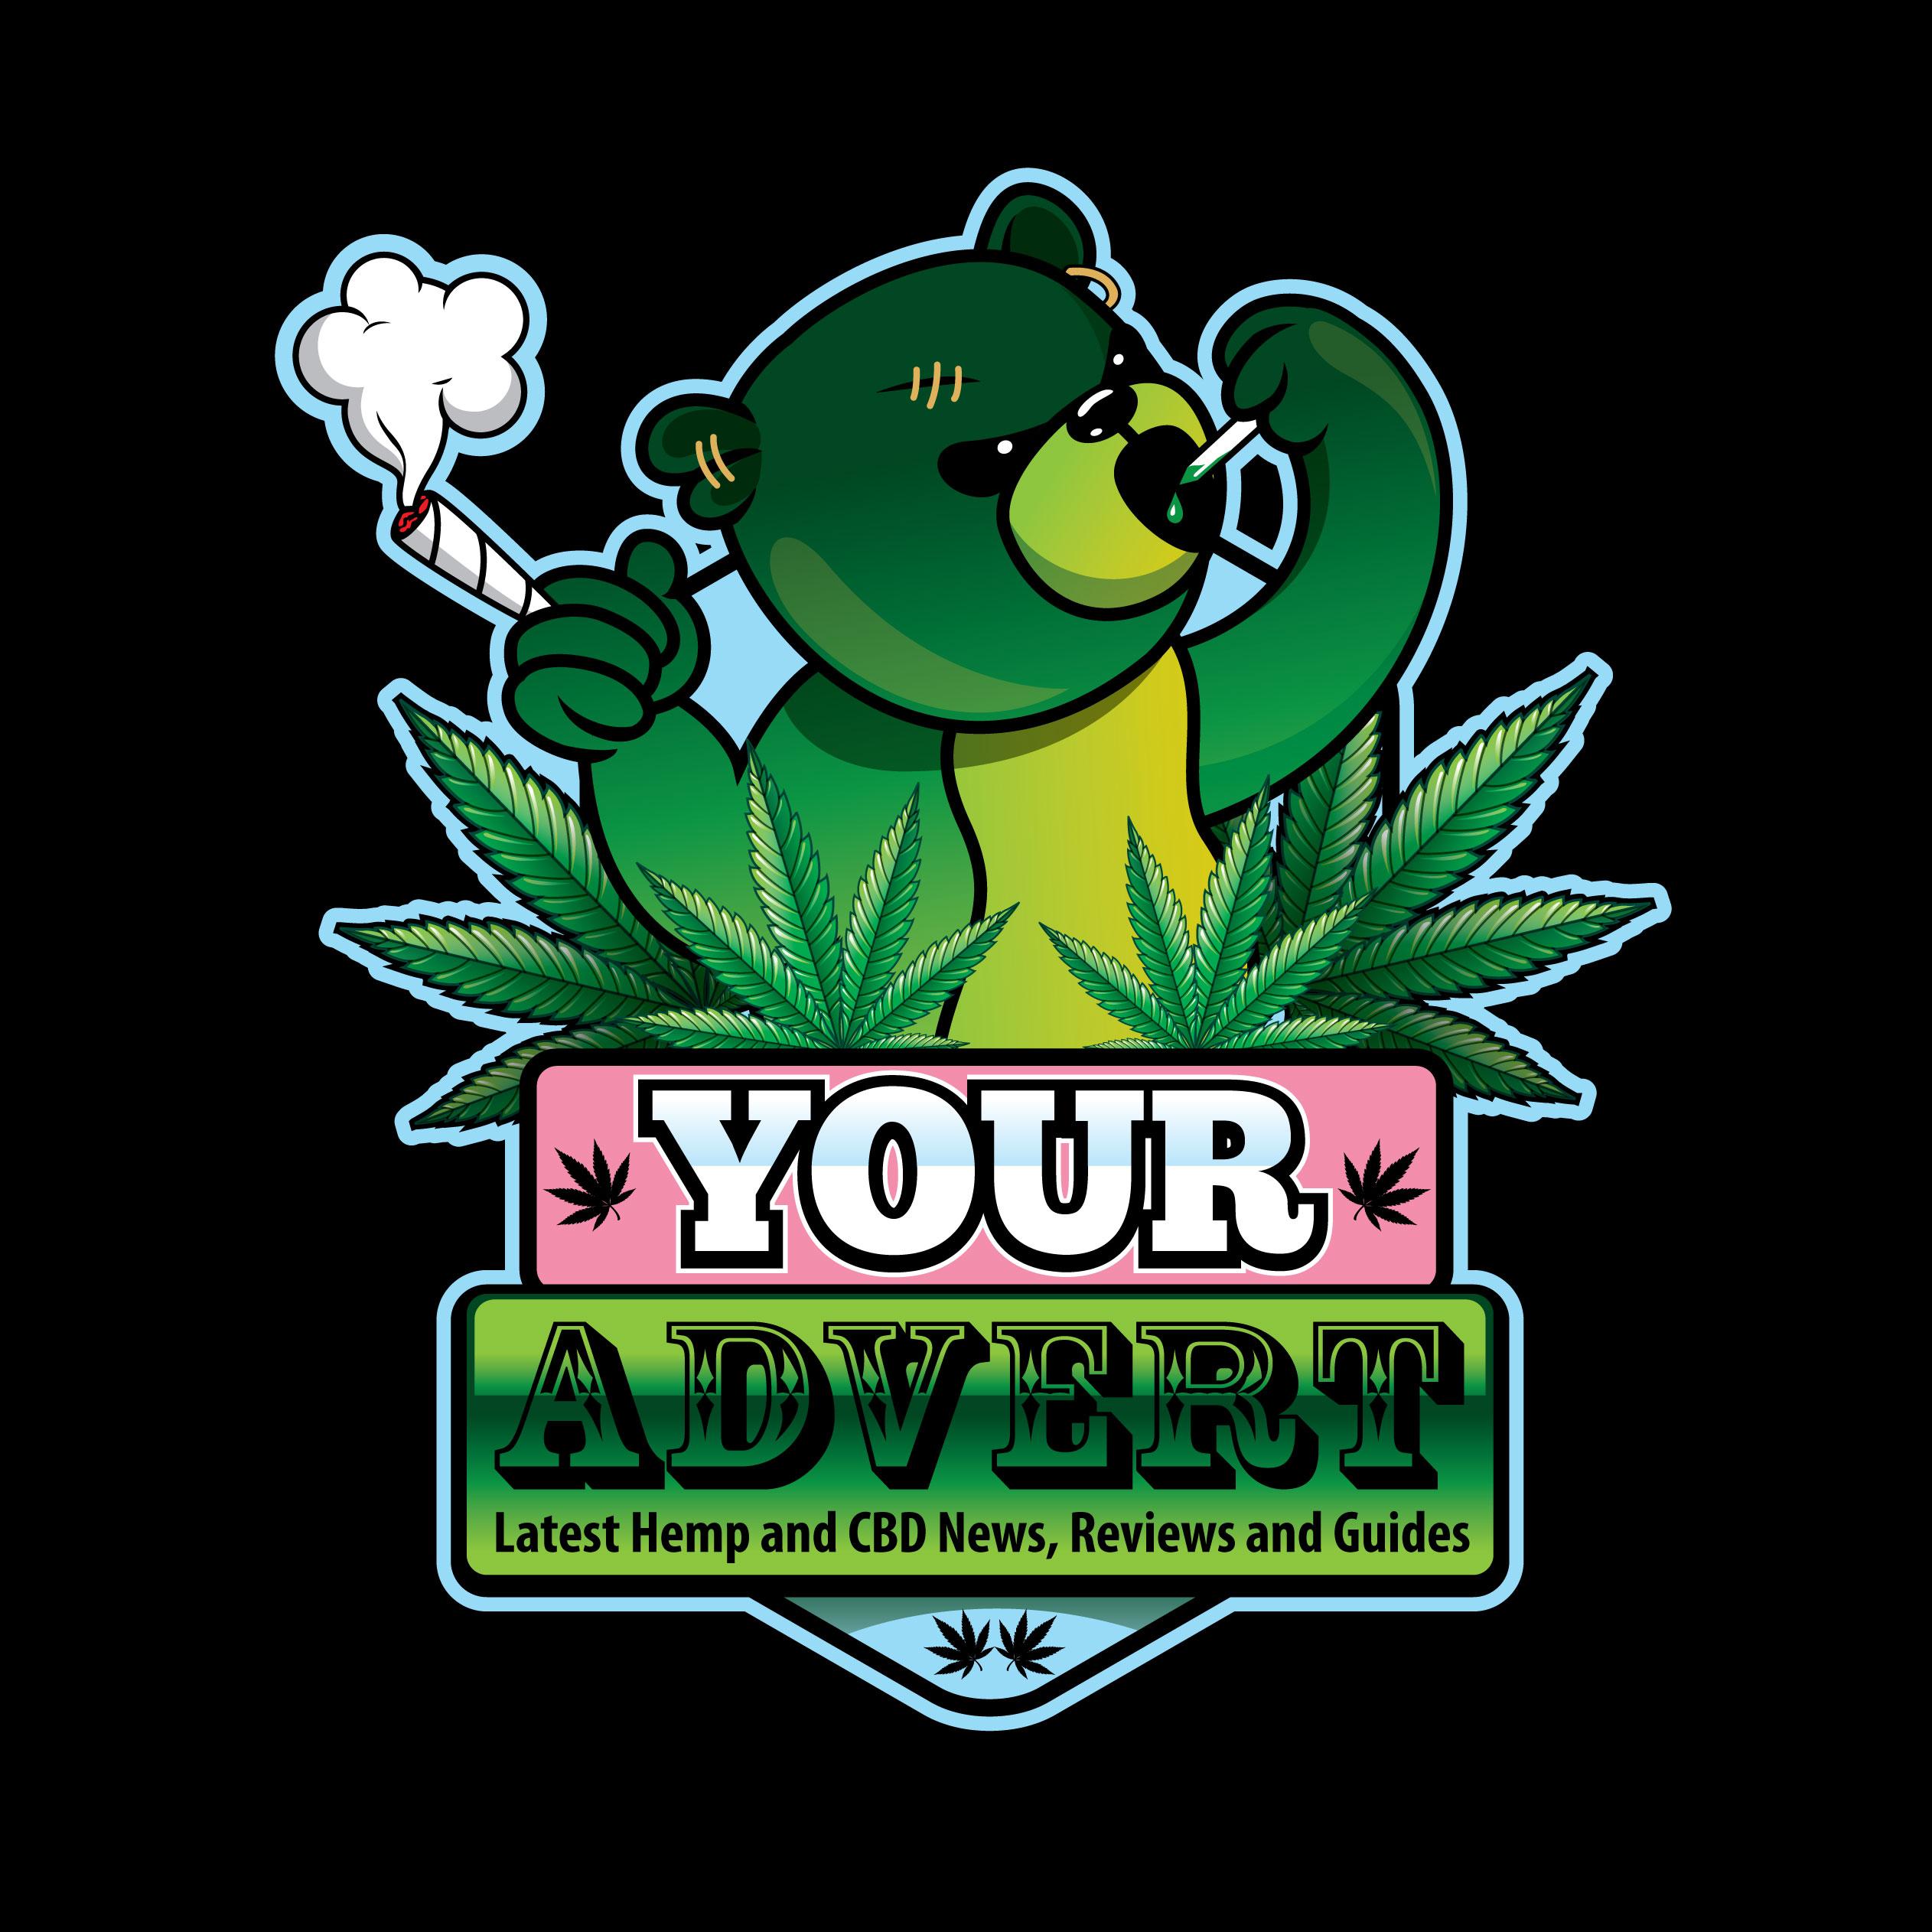 CBD Banner Ads - CBD and Vape Banner Advertising